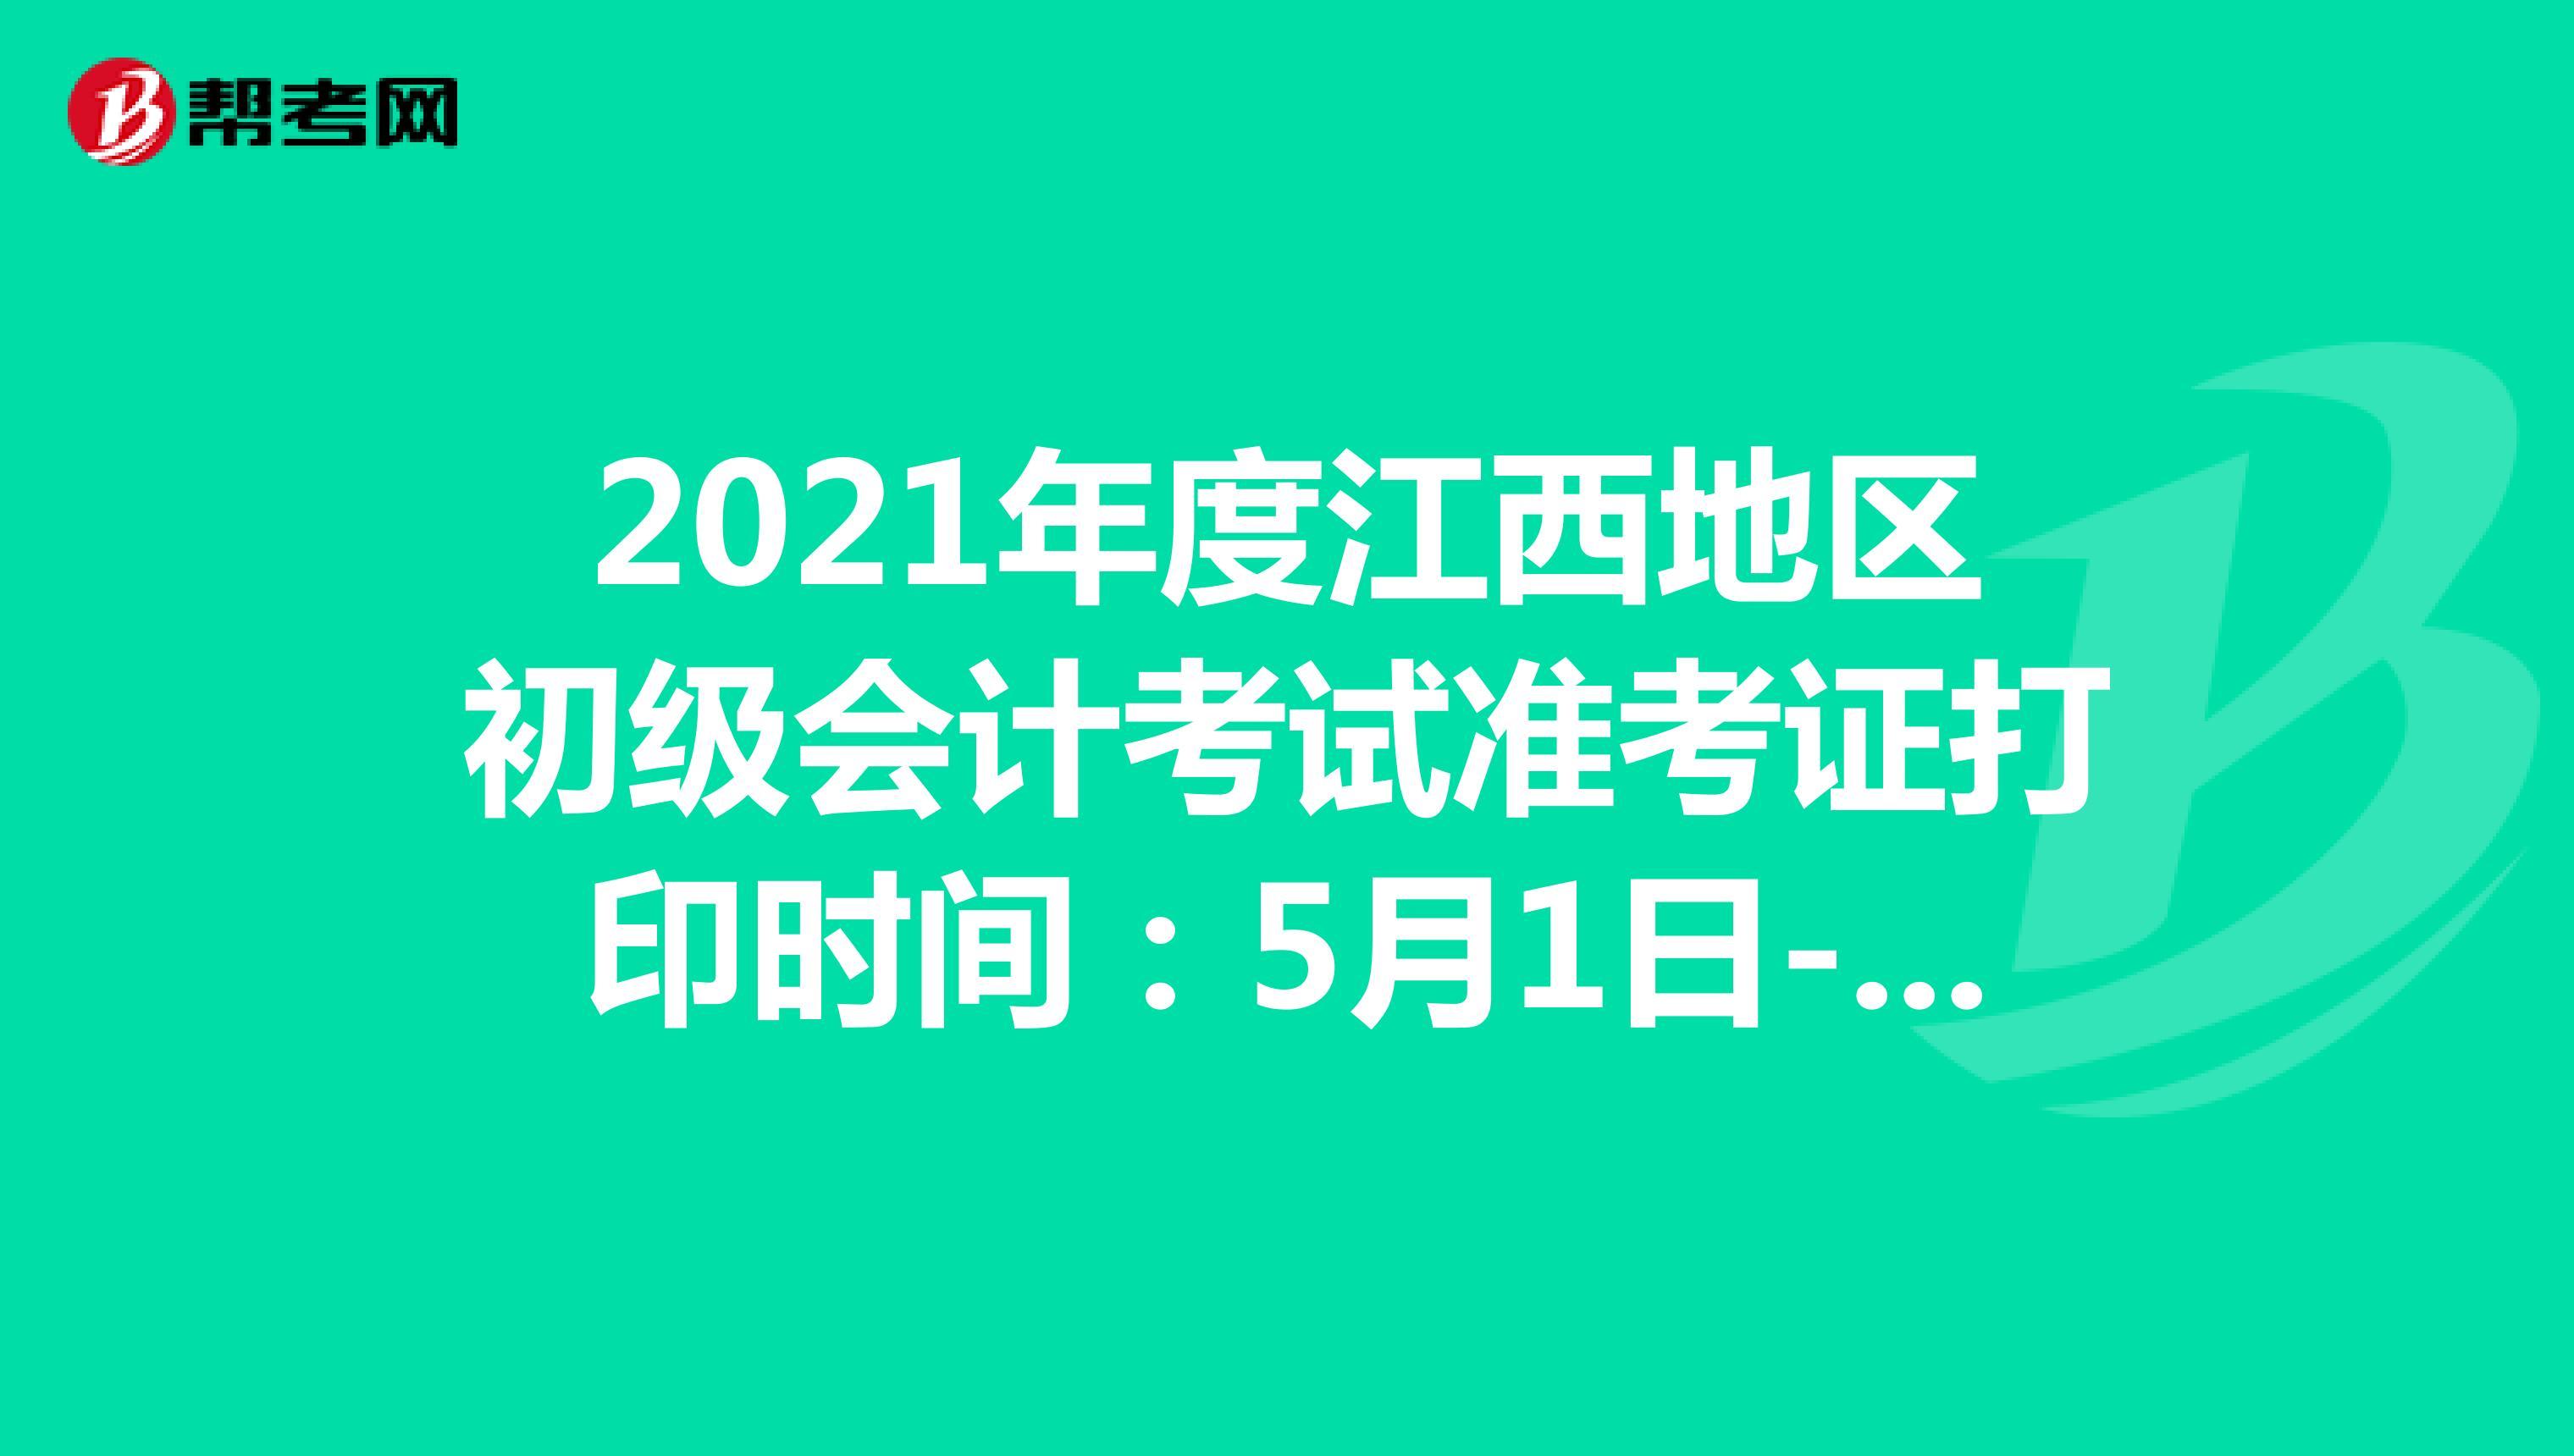 2021年度江西地区初级会计考试准考证打印时间:5月1日-12日